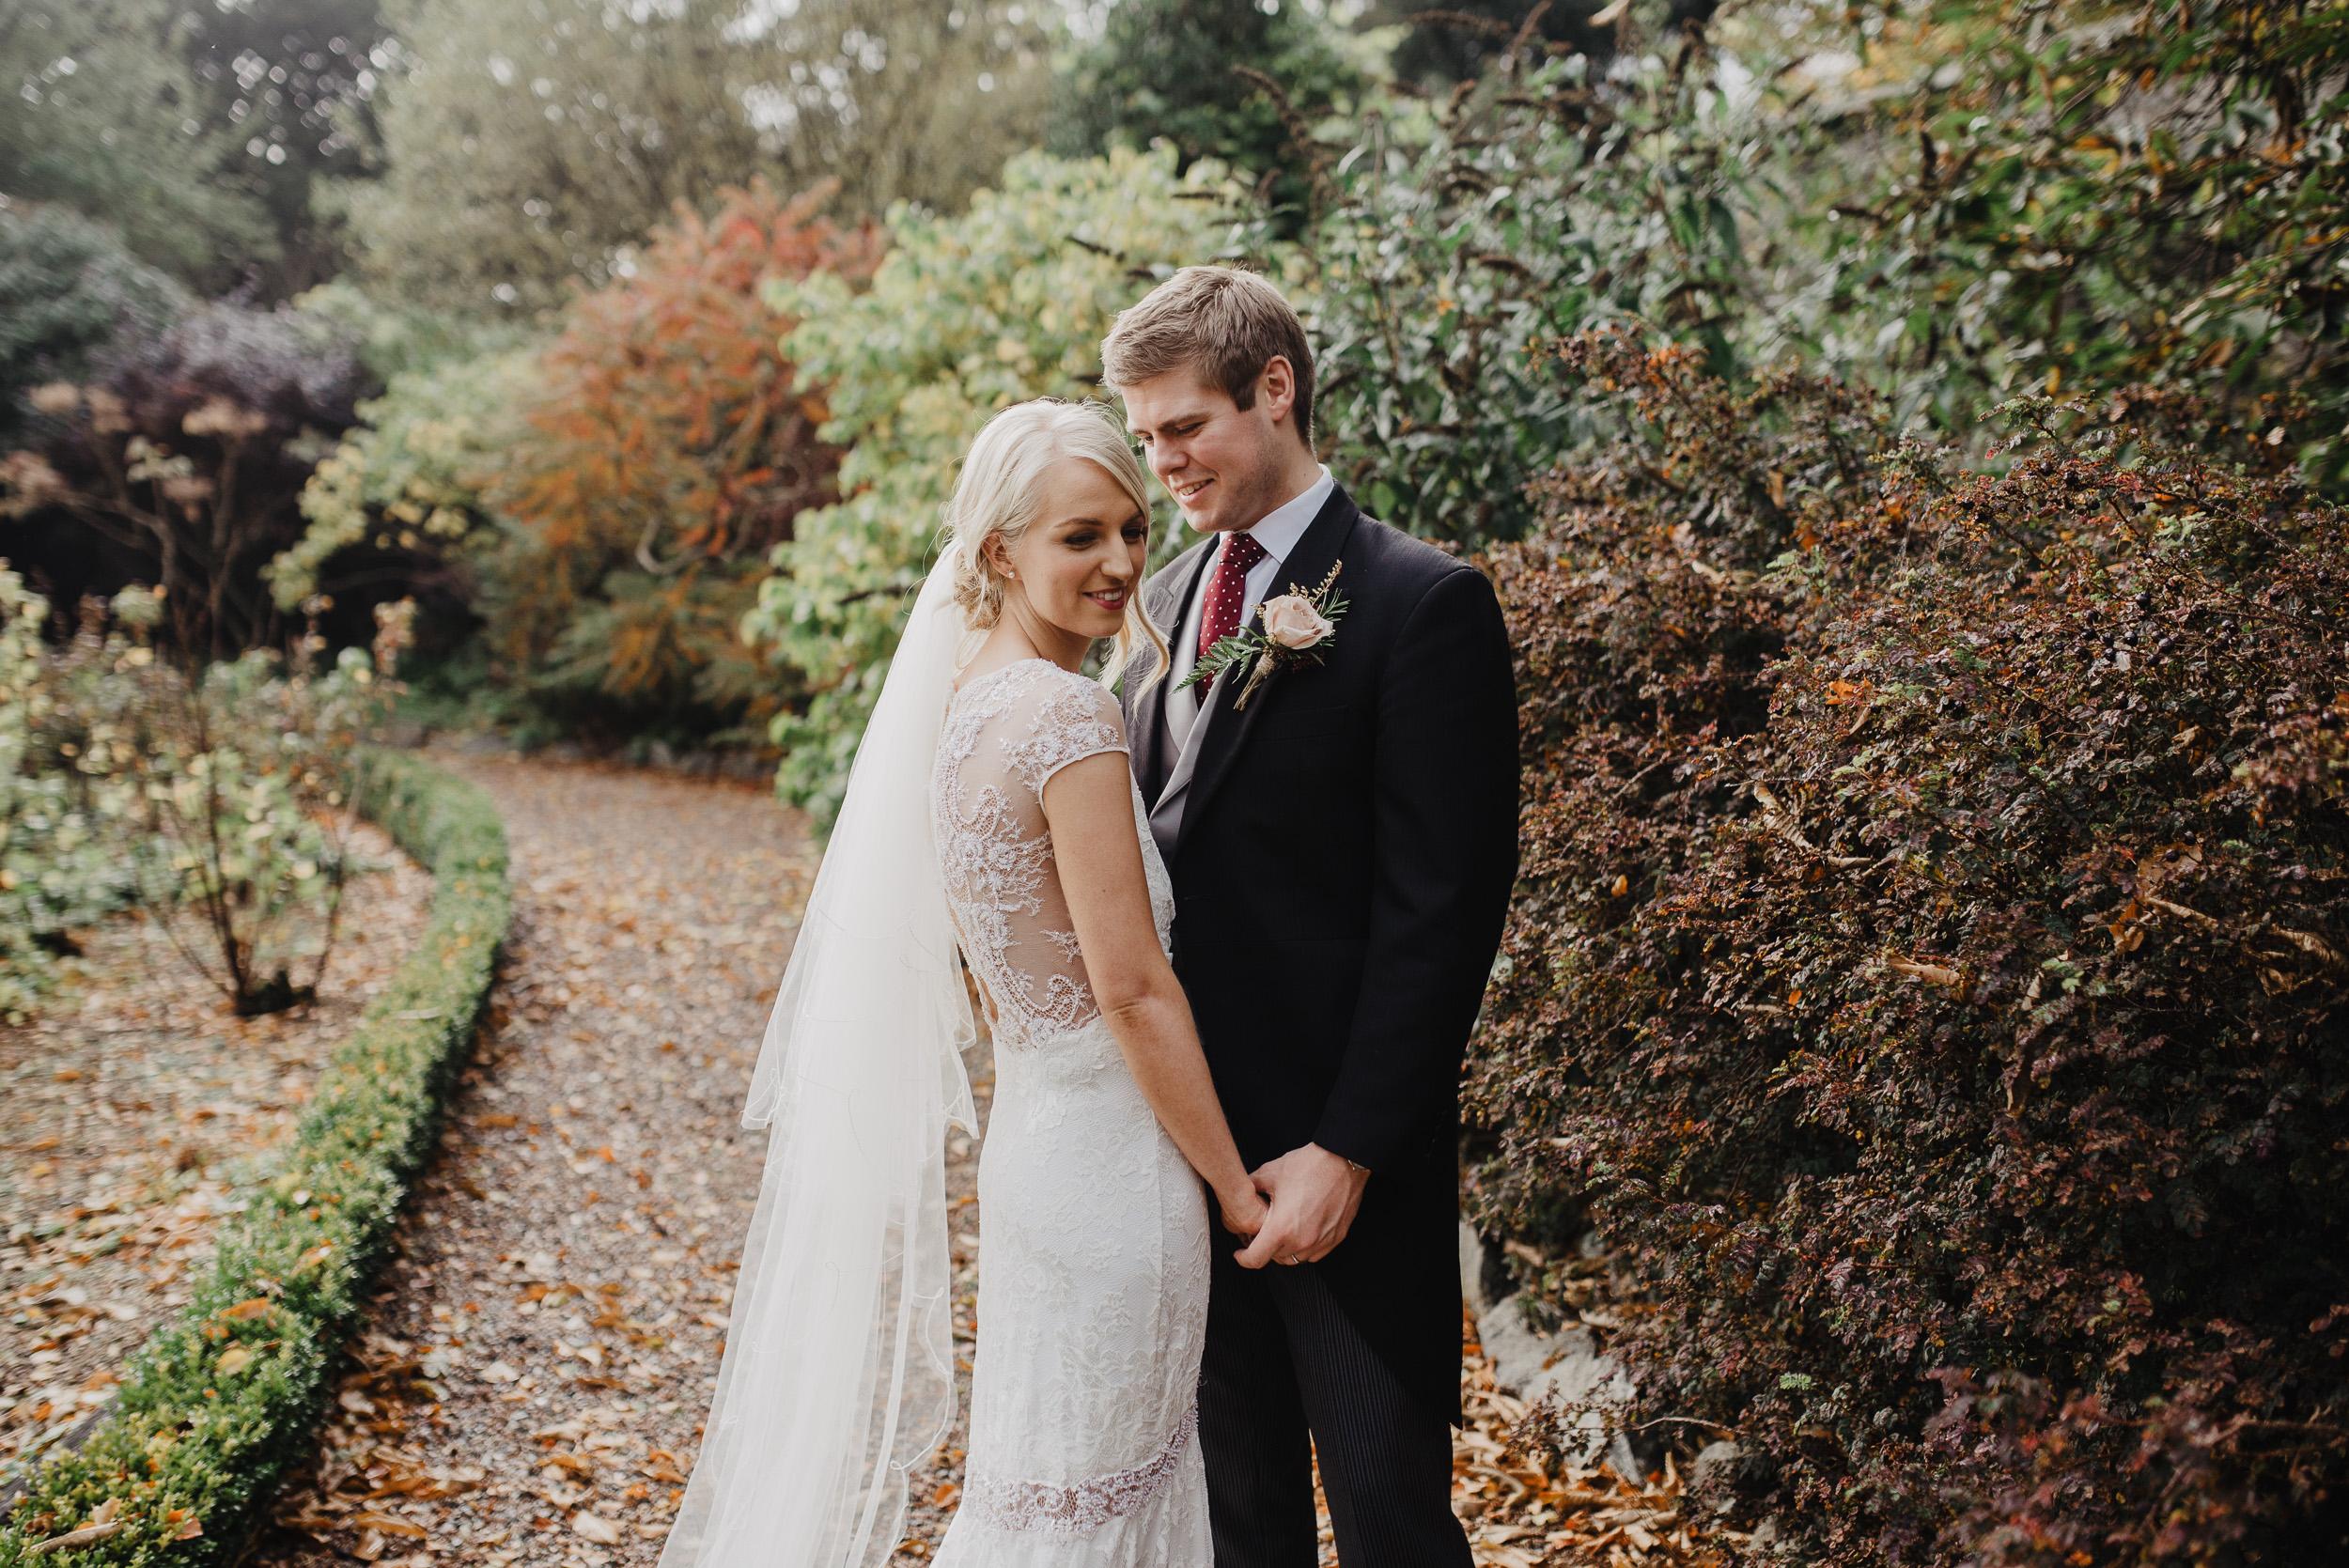 wedding photogaphy peter mackey 2018 meg-8.jpg